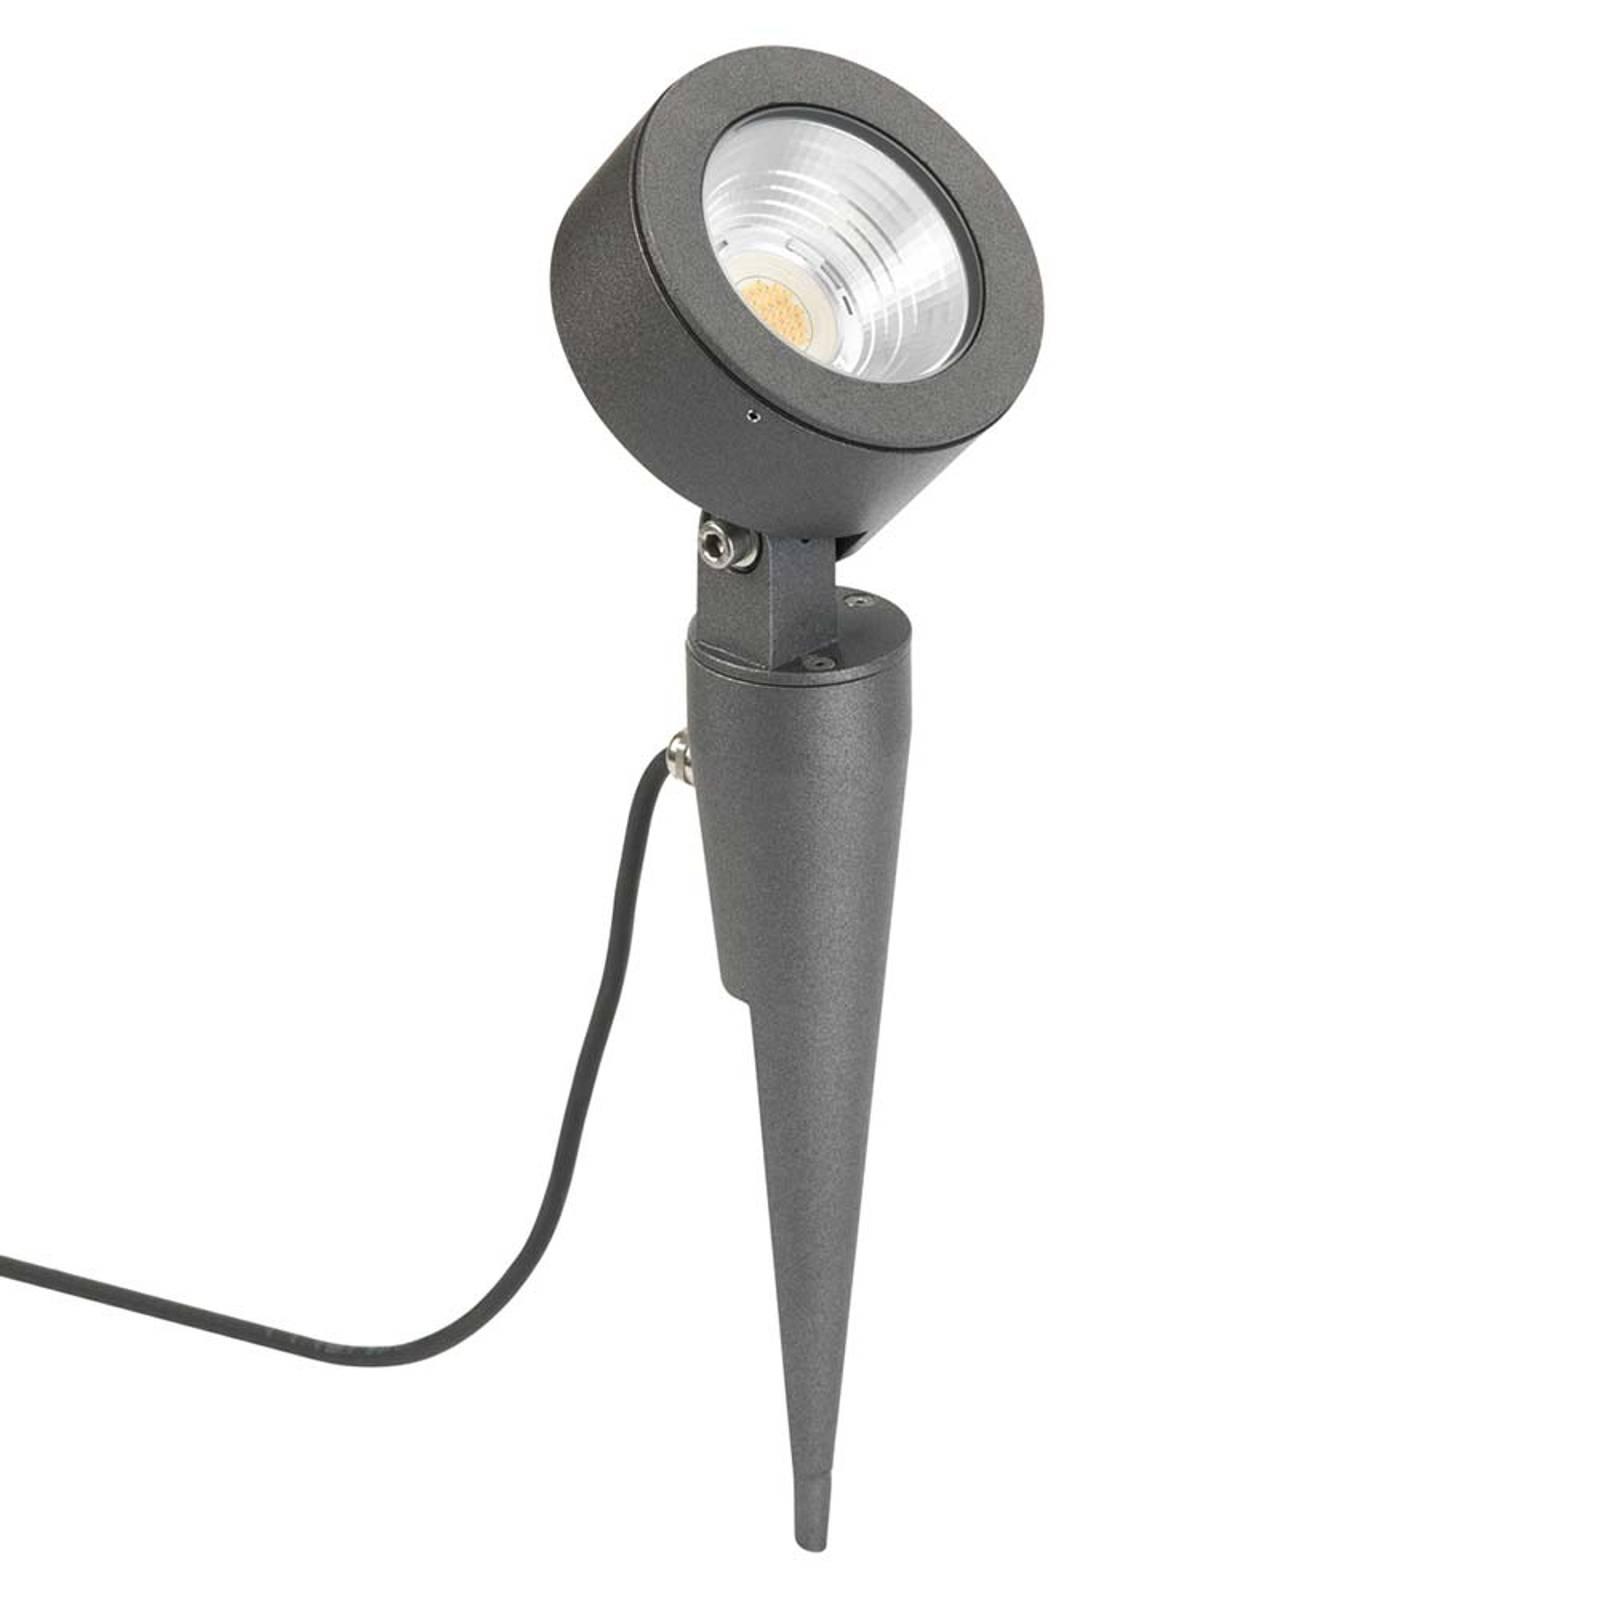 Cassian-LED-maapiikkivalaisin